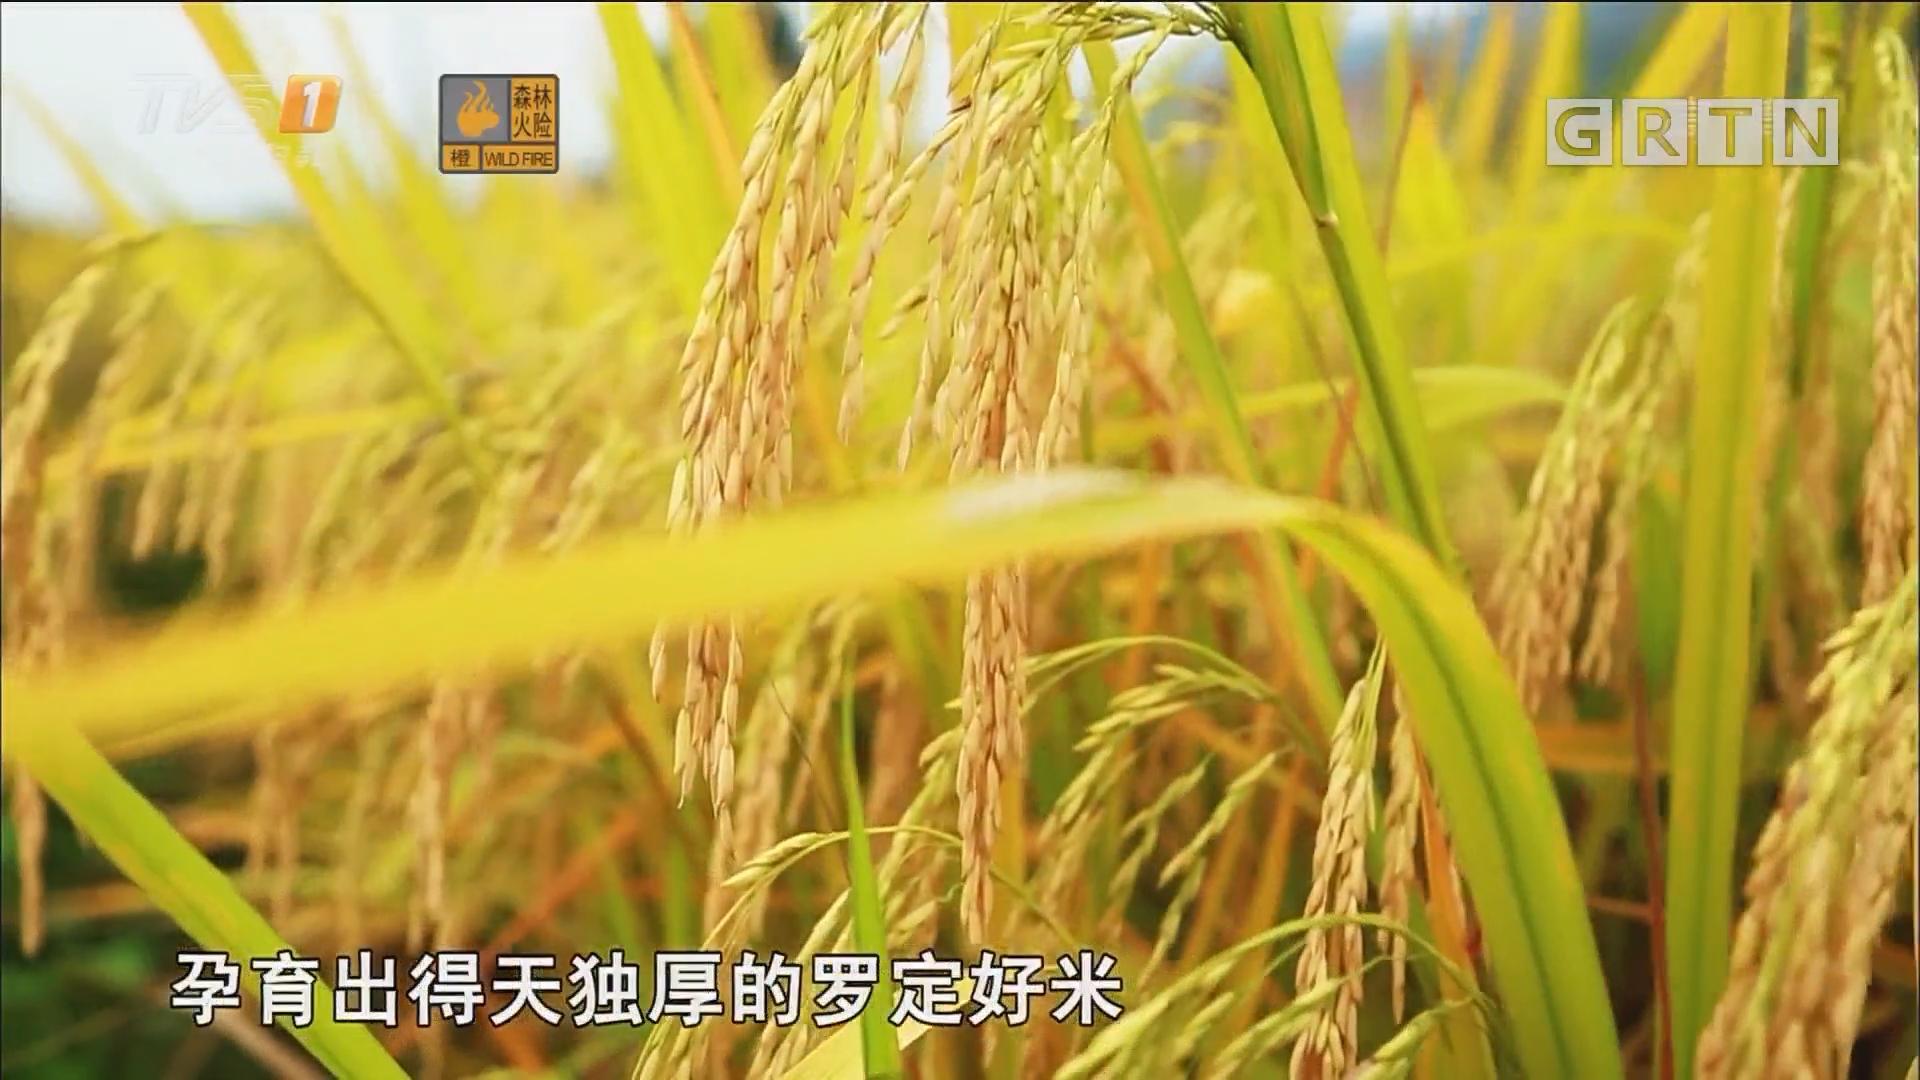 广东精准扶贫影像记录·我是书记我代言 罗定:好山好水出好米